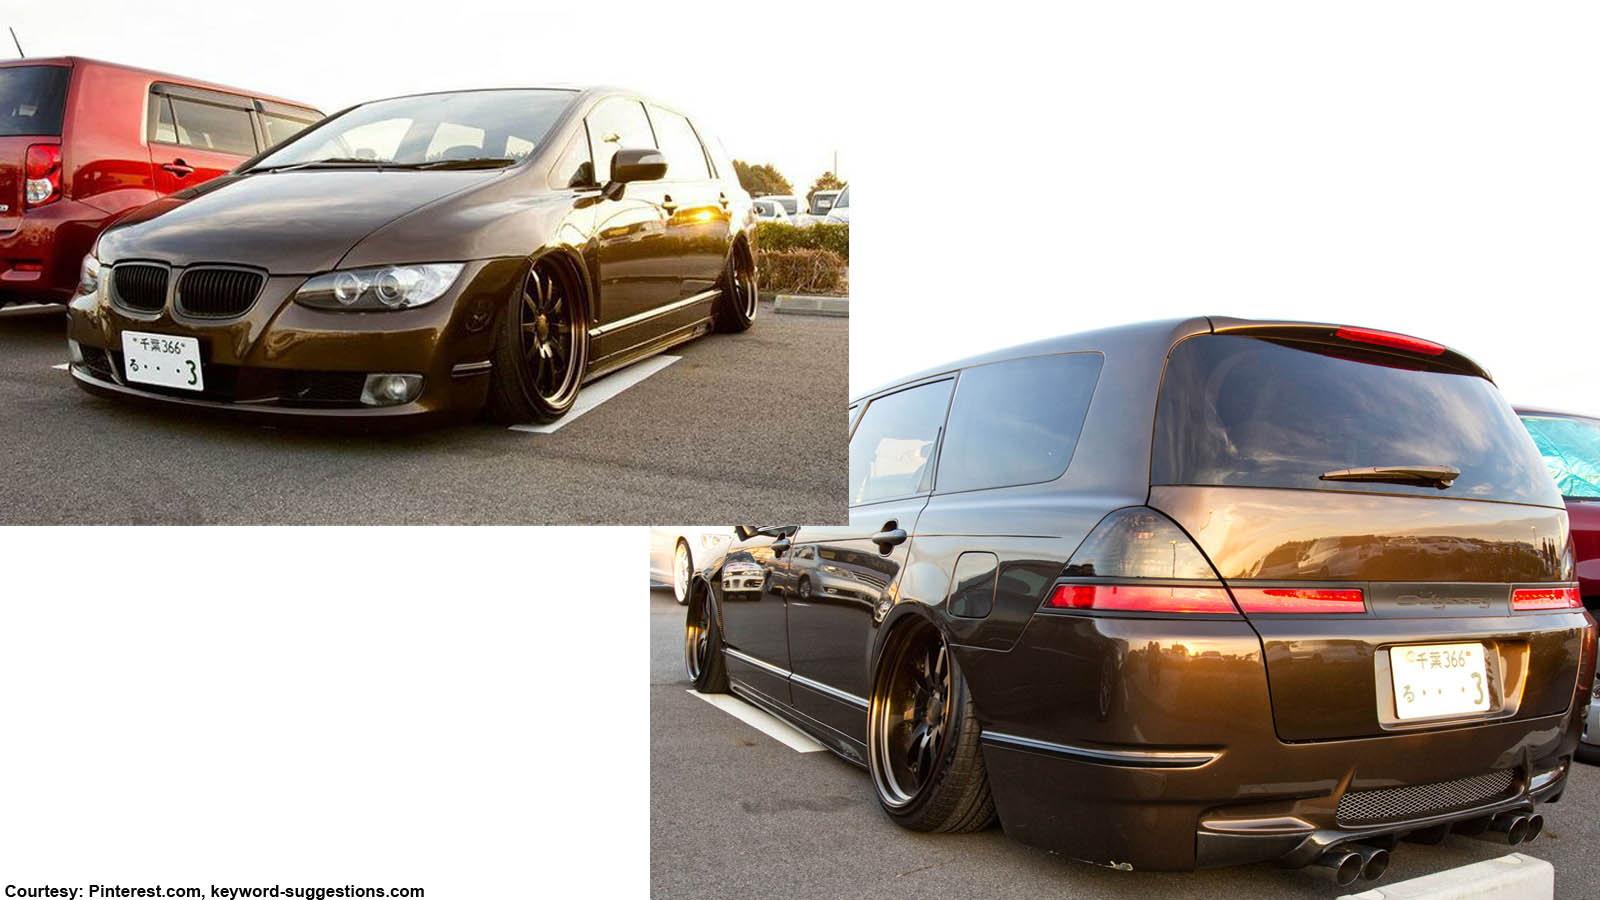 2. BMW Odyssey